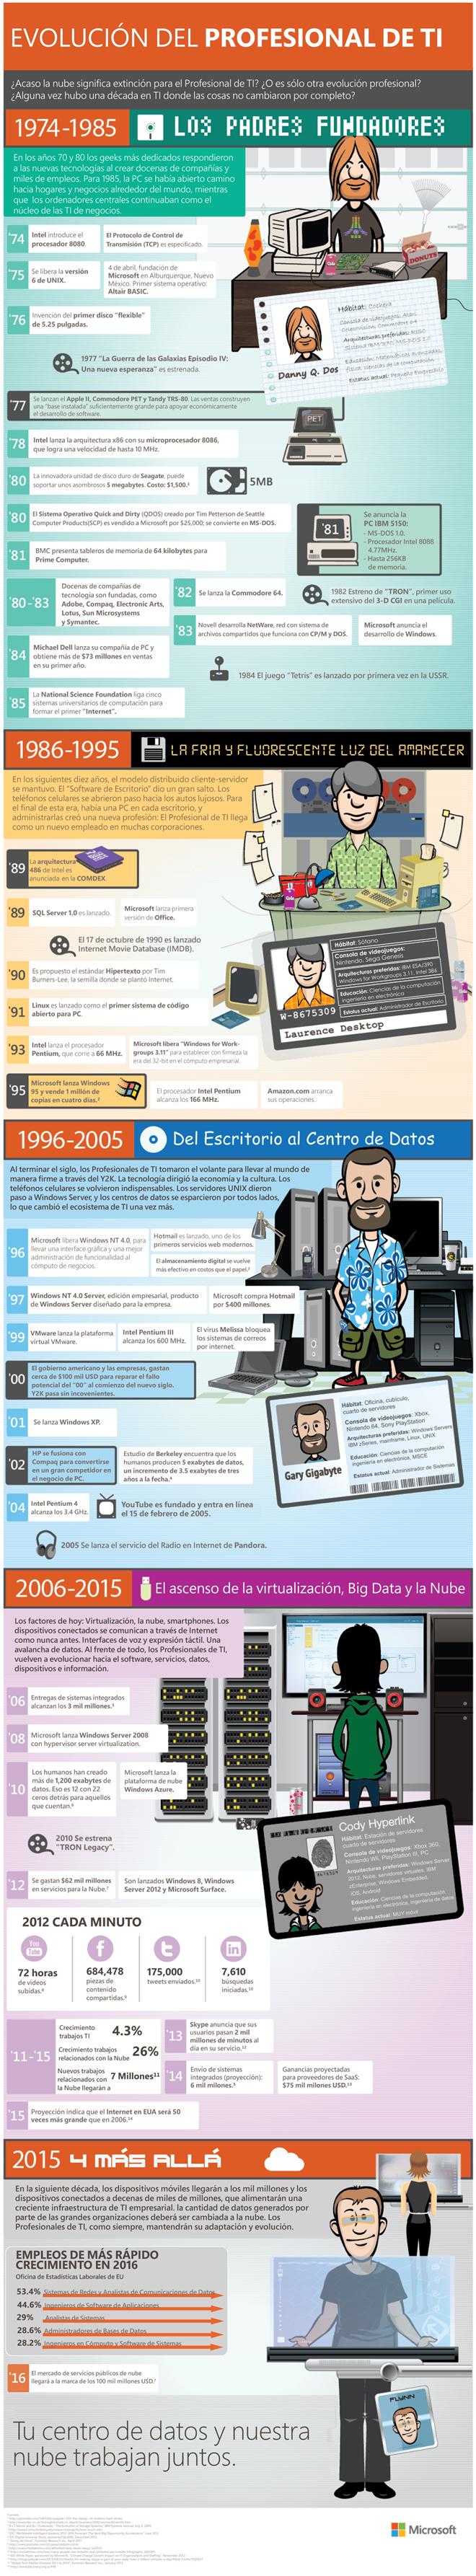 evolucion del profesional de TI